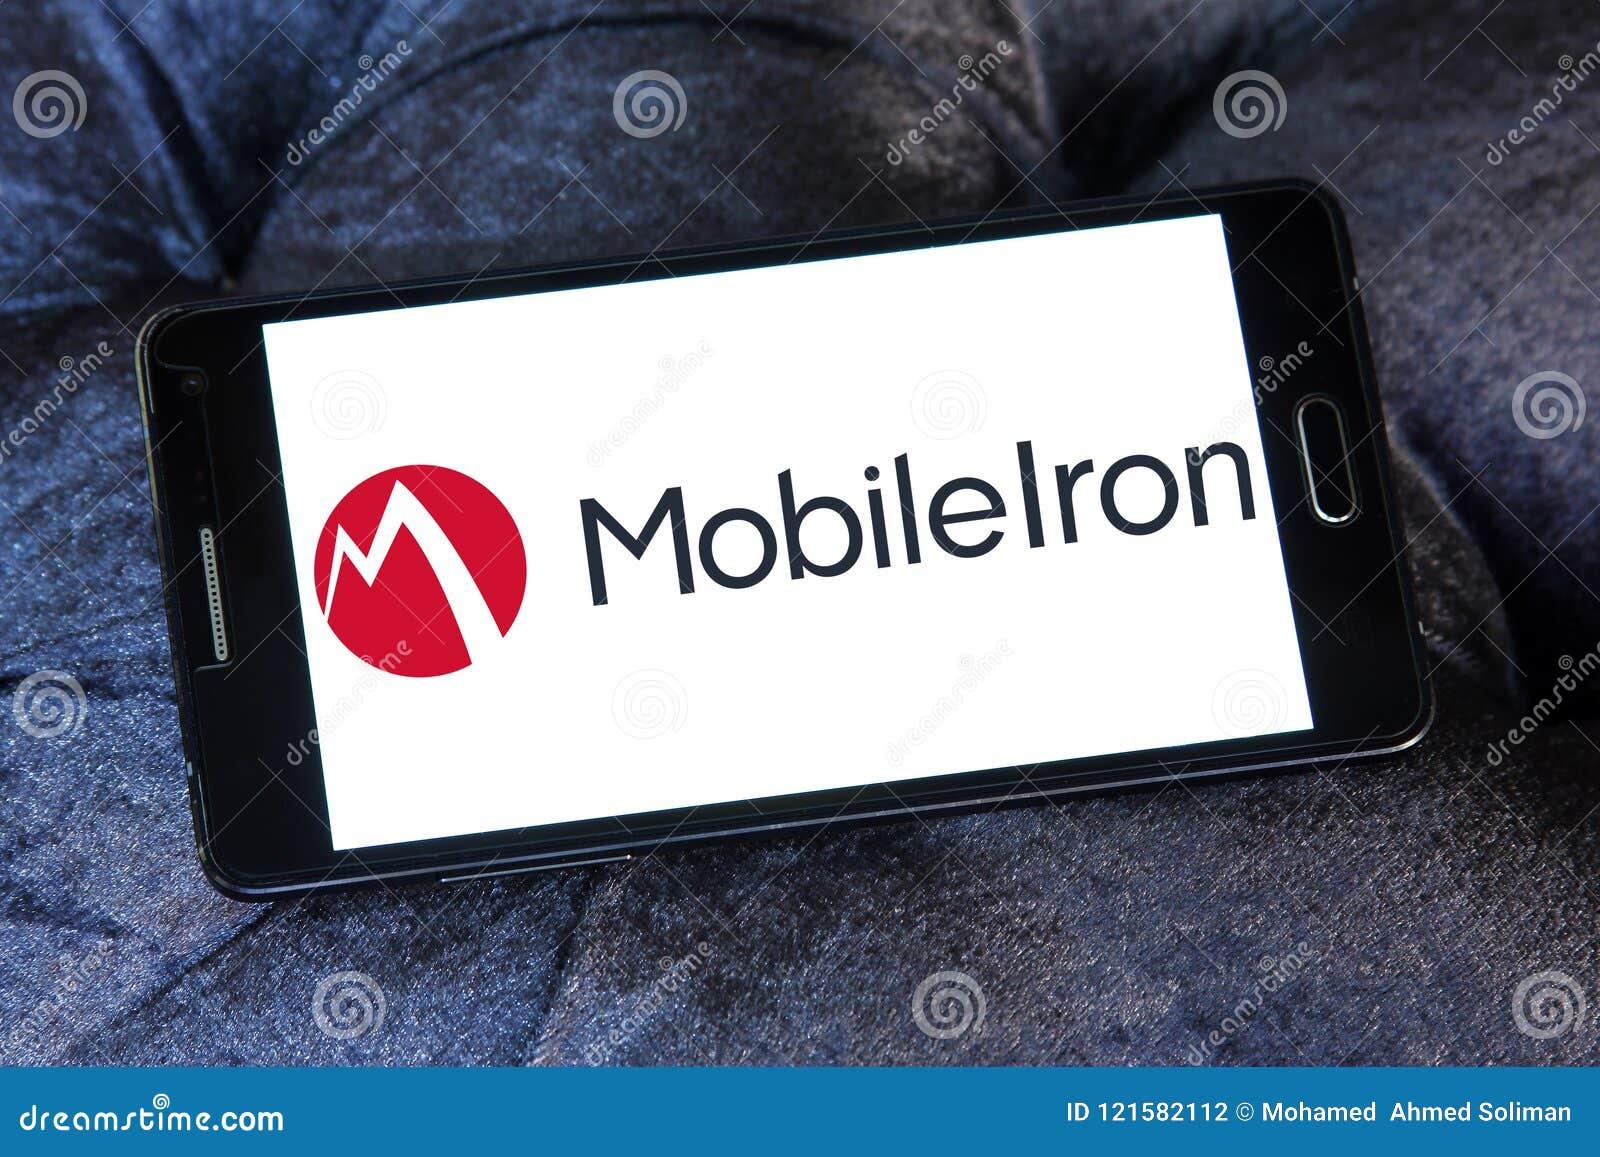 MobileIron Software Company Logo Editorial Photography